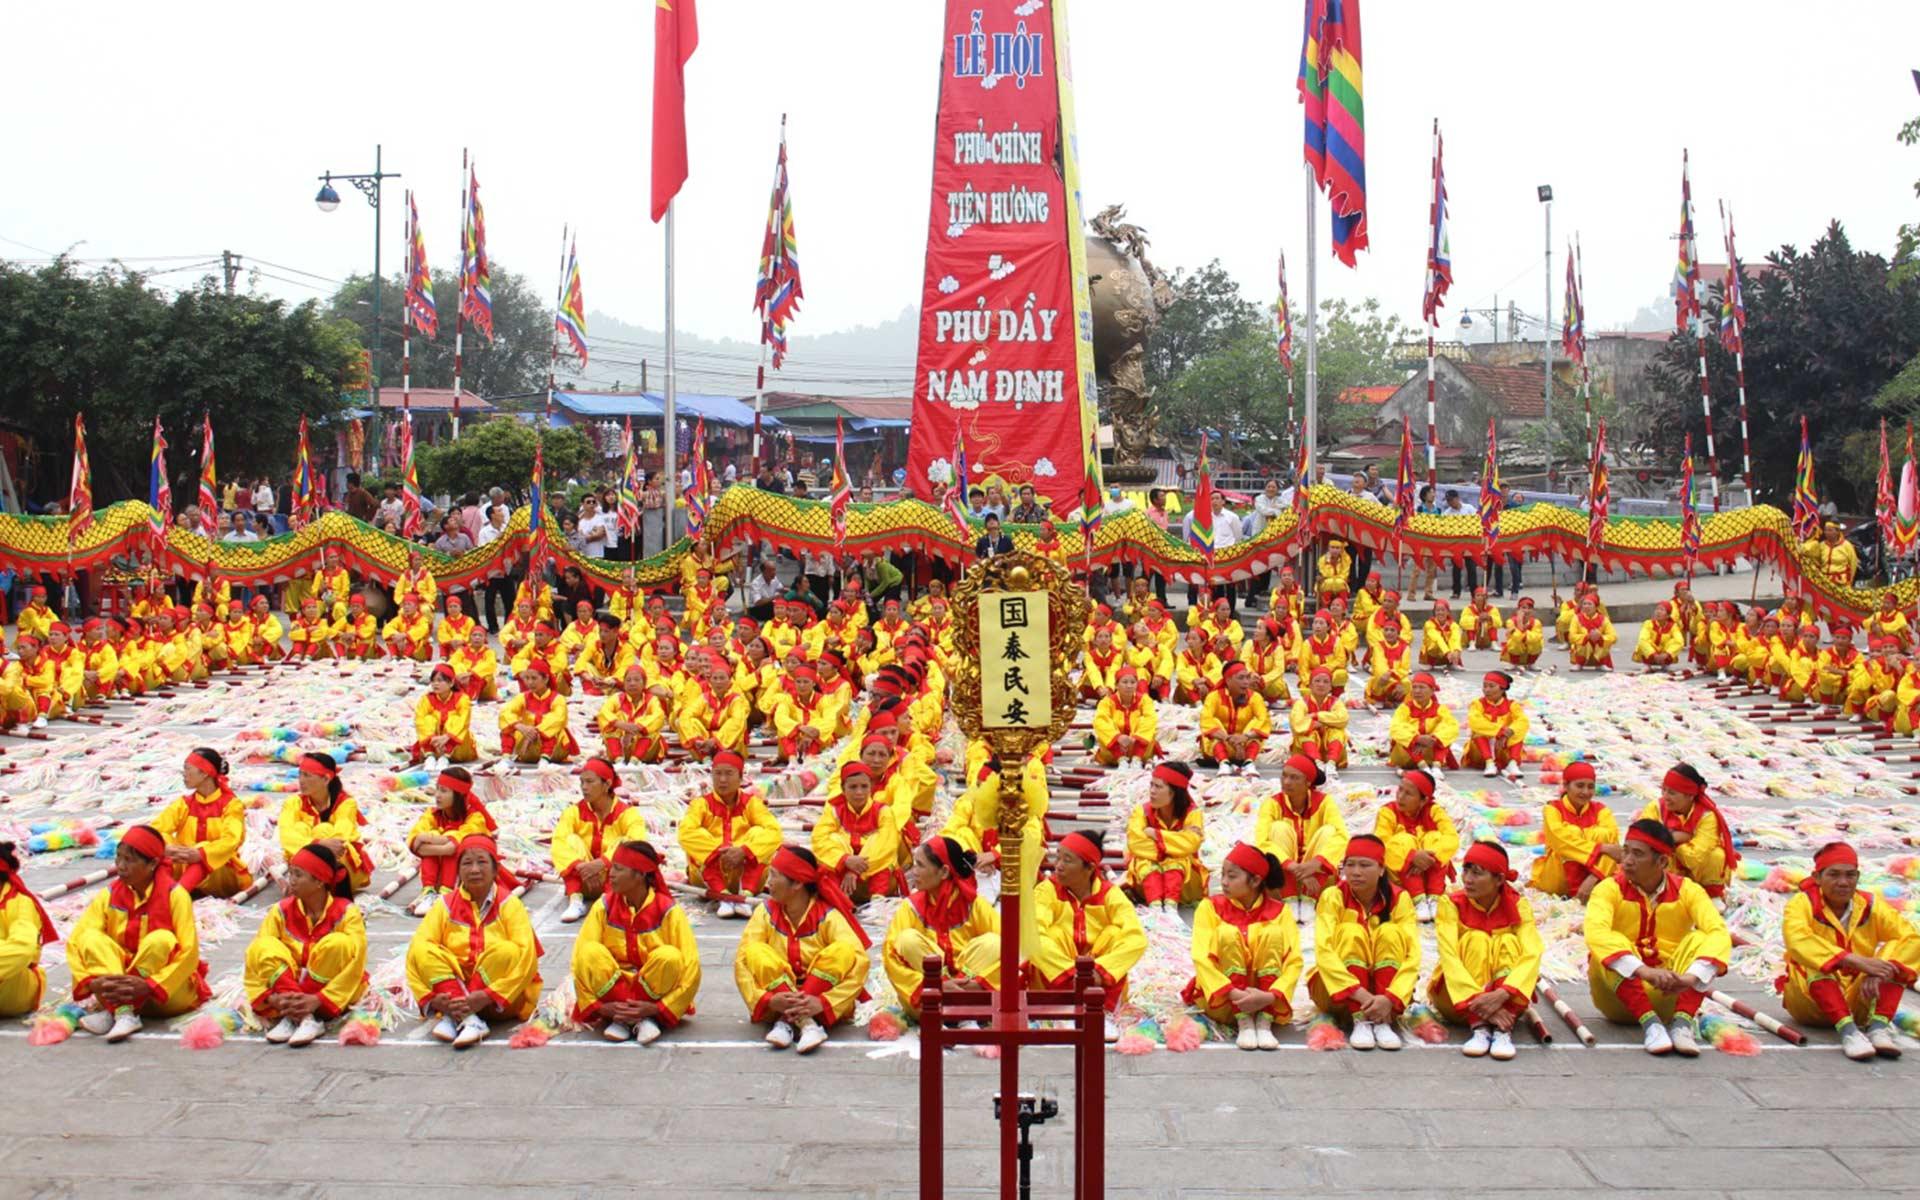 Phu Giay Festival (Nam Dinh)